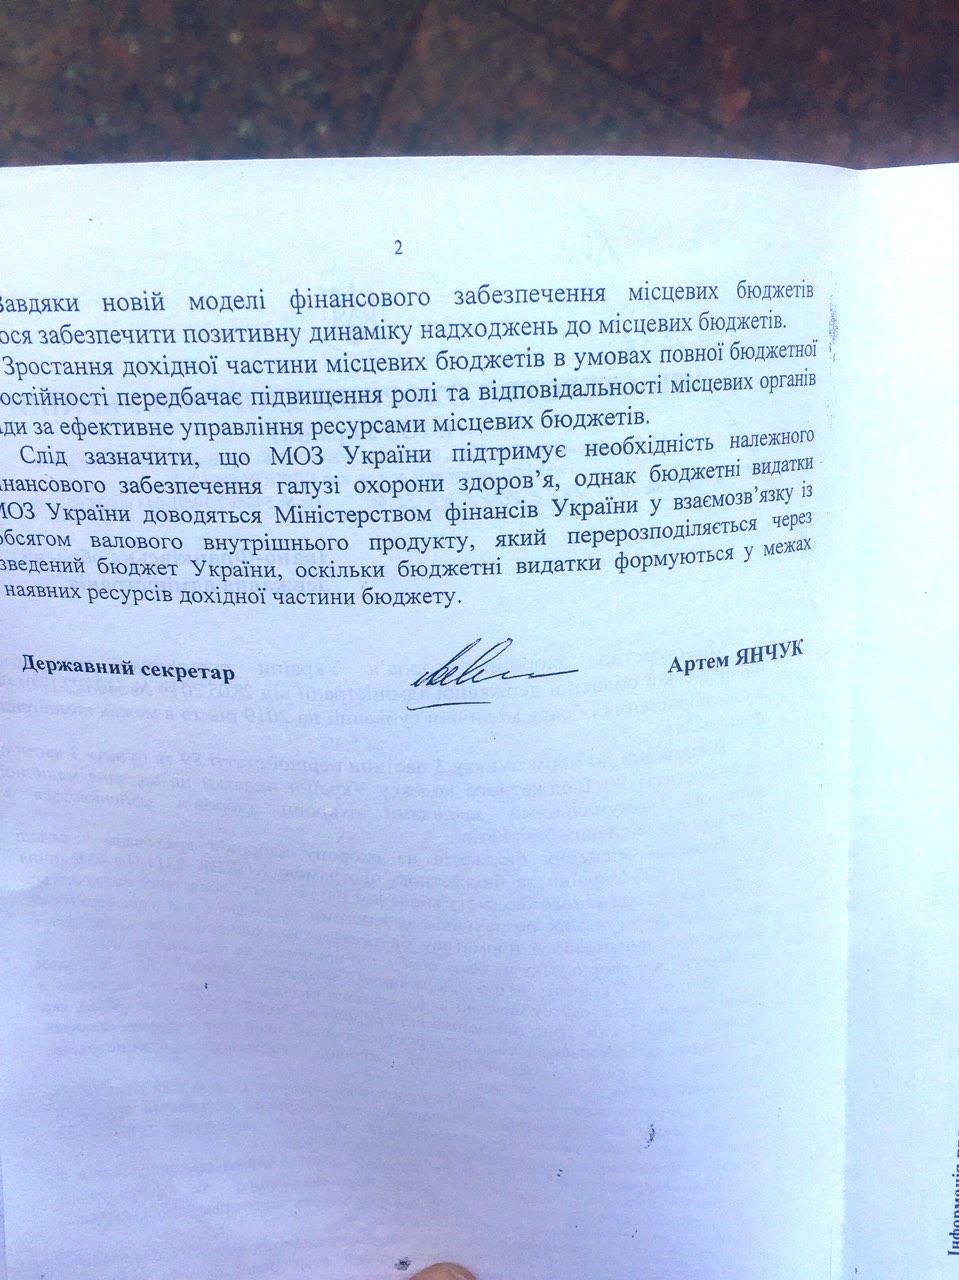 """Олег Атаманюк: """"Ситуація з виплатою зарплат медичним працівникам є катастрофічною"""" 4"""